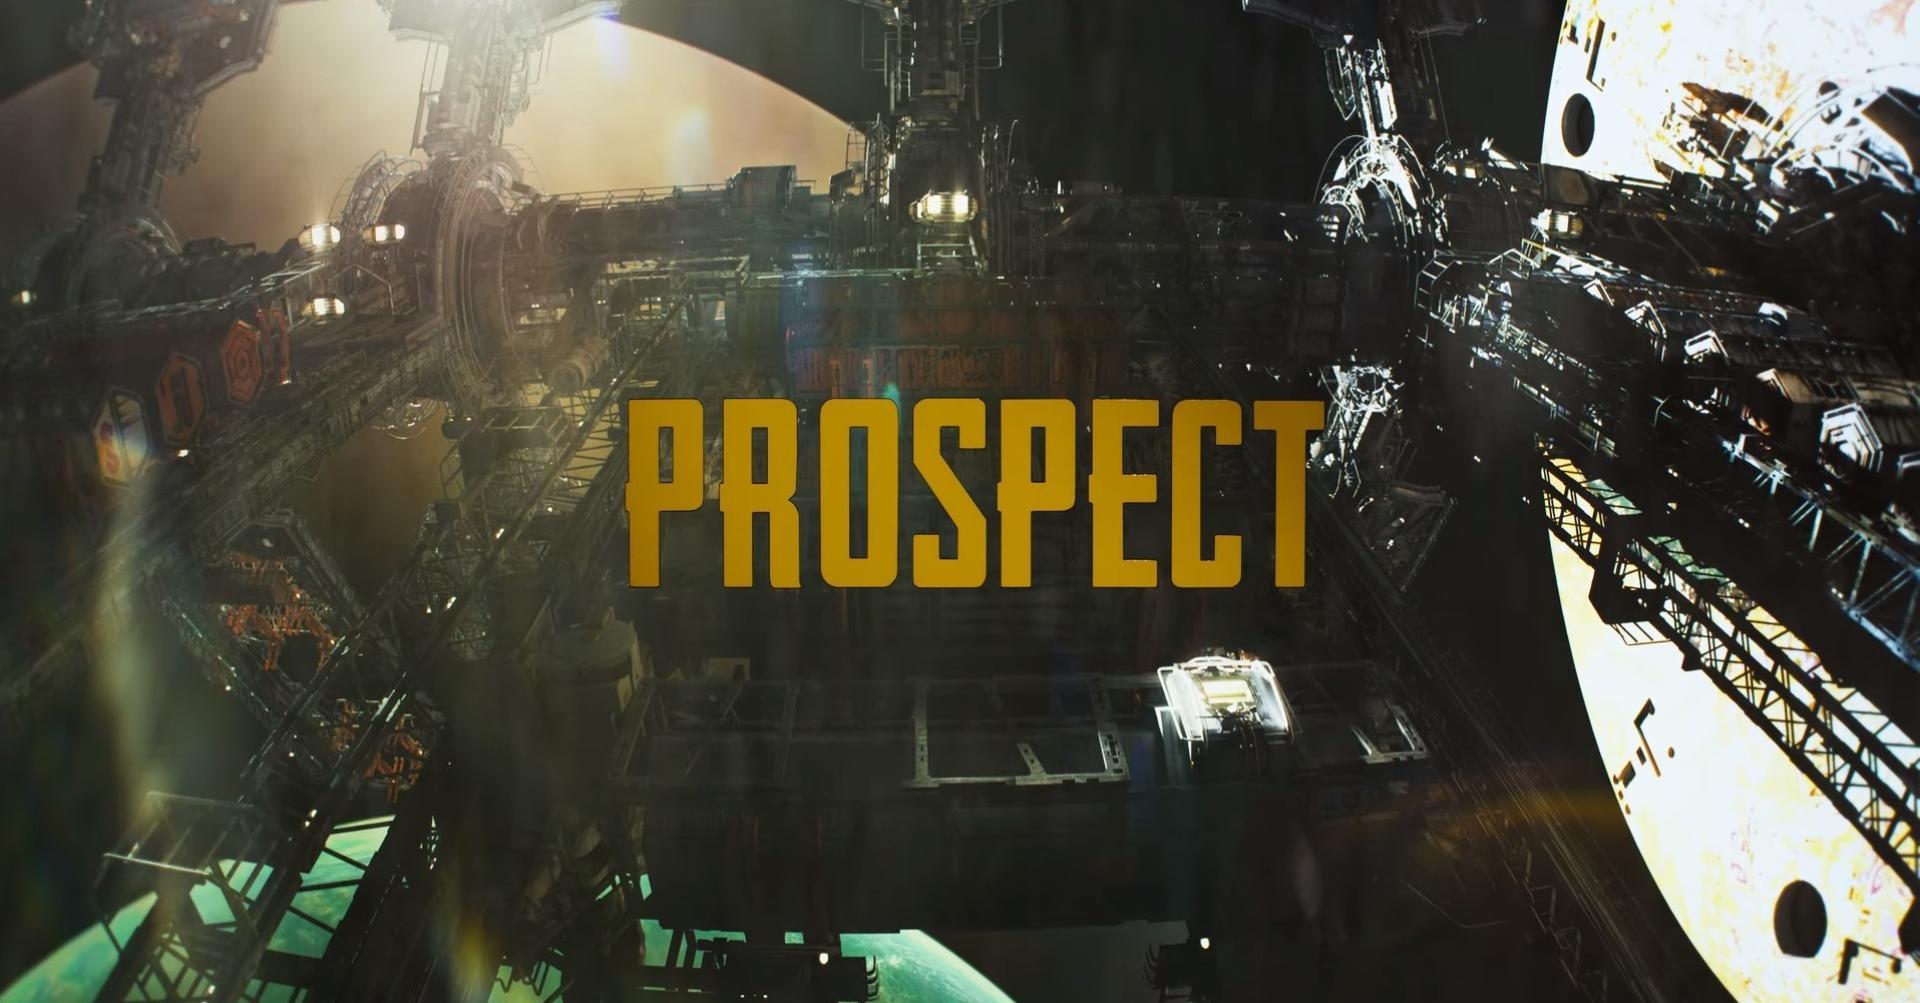 Előzetes érkezett a Prospect című filmhez